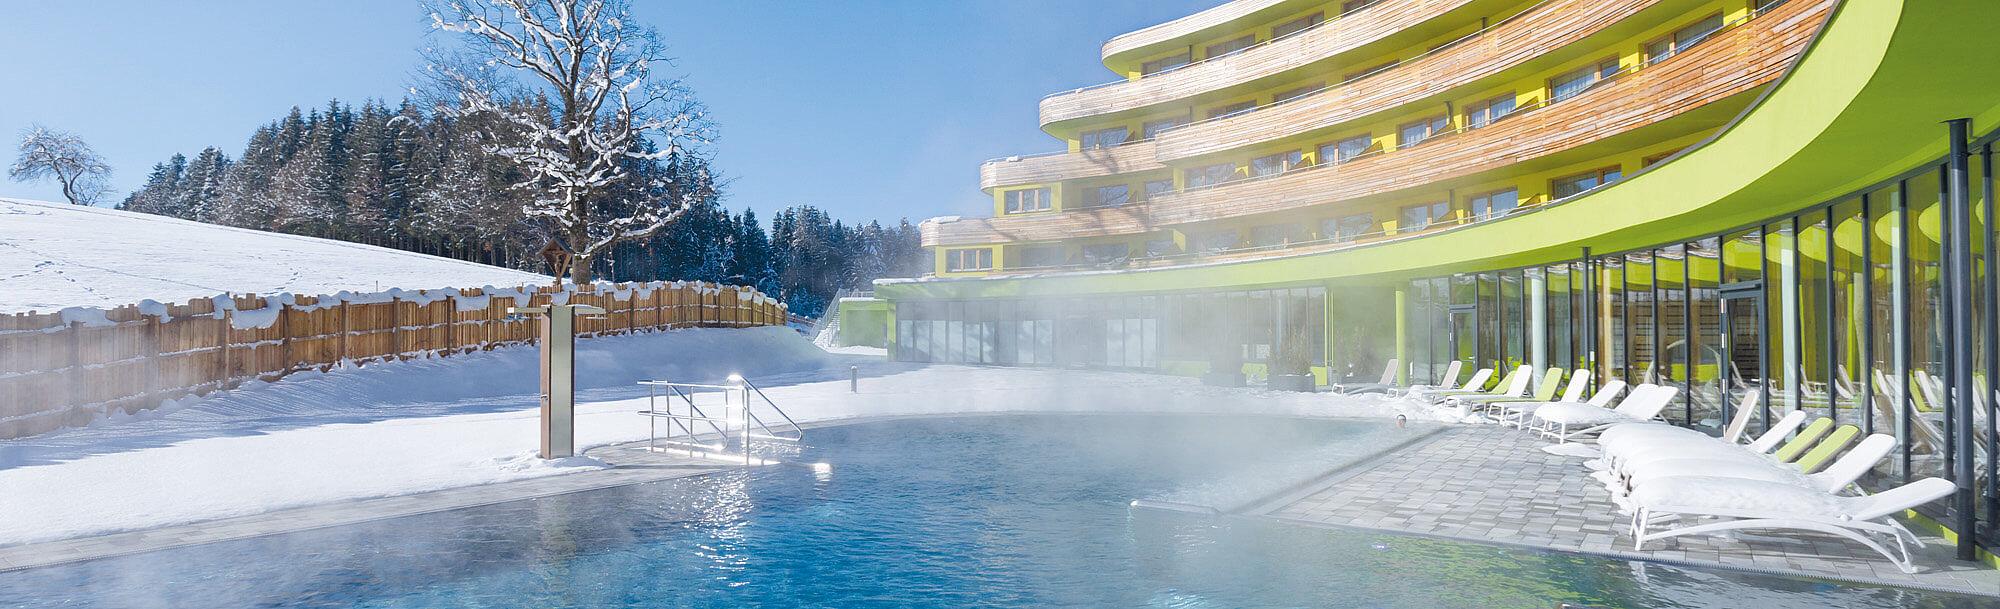 DAS SIEBEN Gesundheits-Resort im Winter